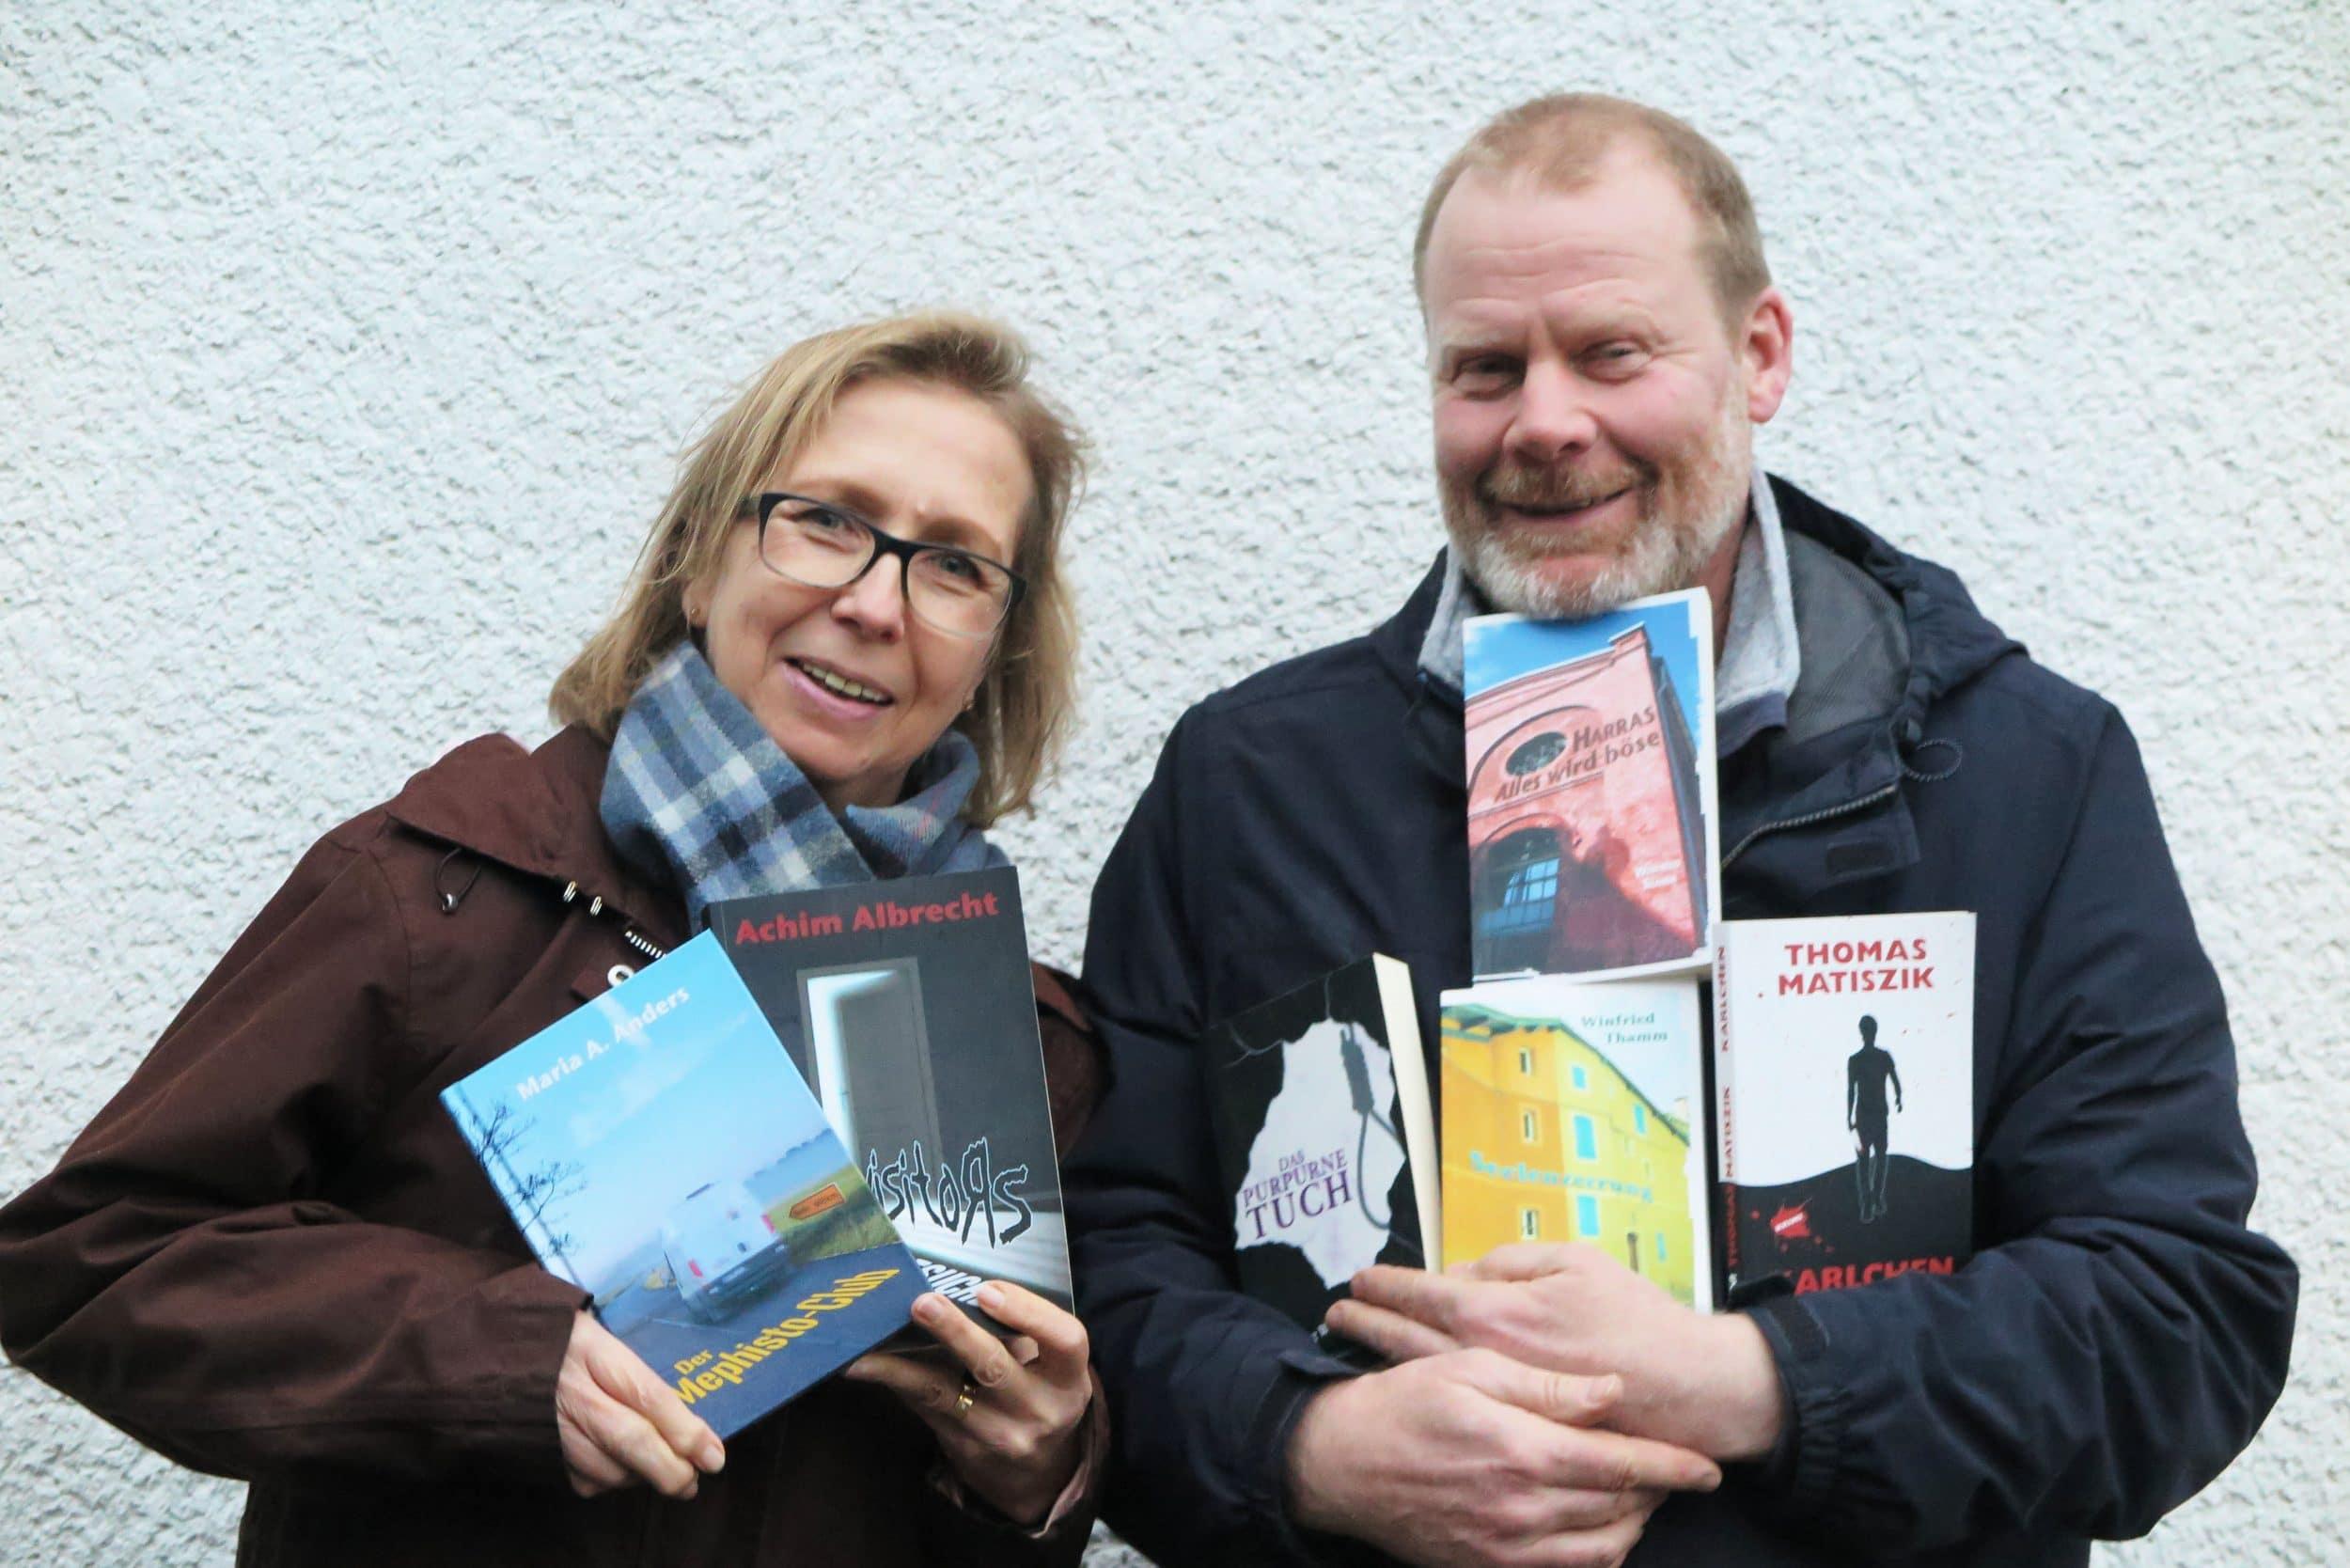 Die Verleger Elke Neumann und Georg Nies. (Foto: IN-StadtMagazine)